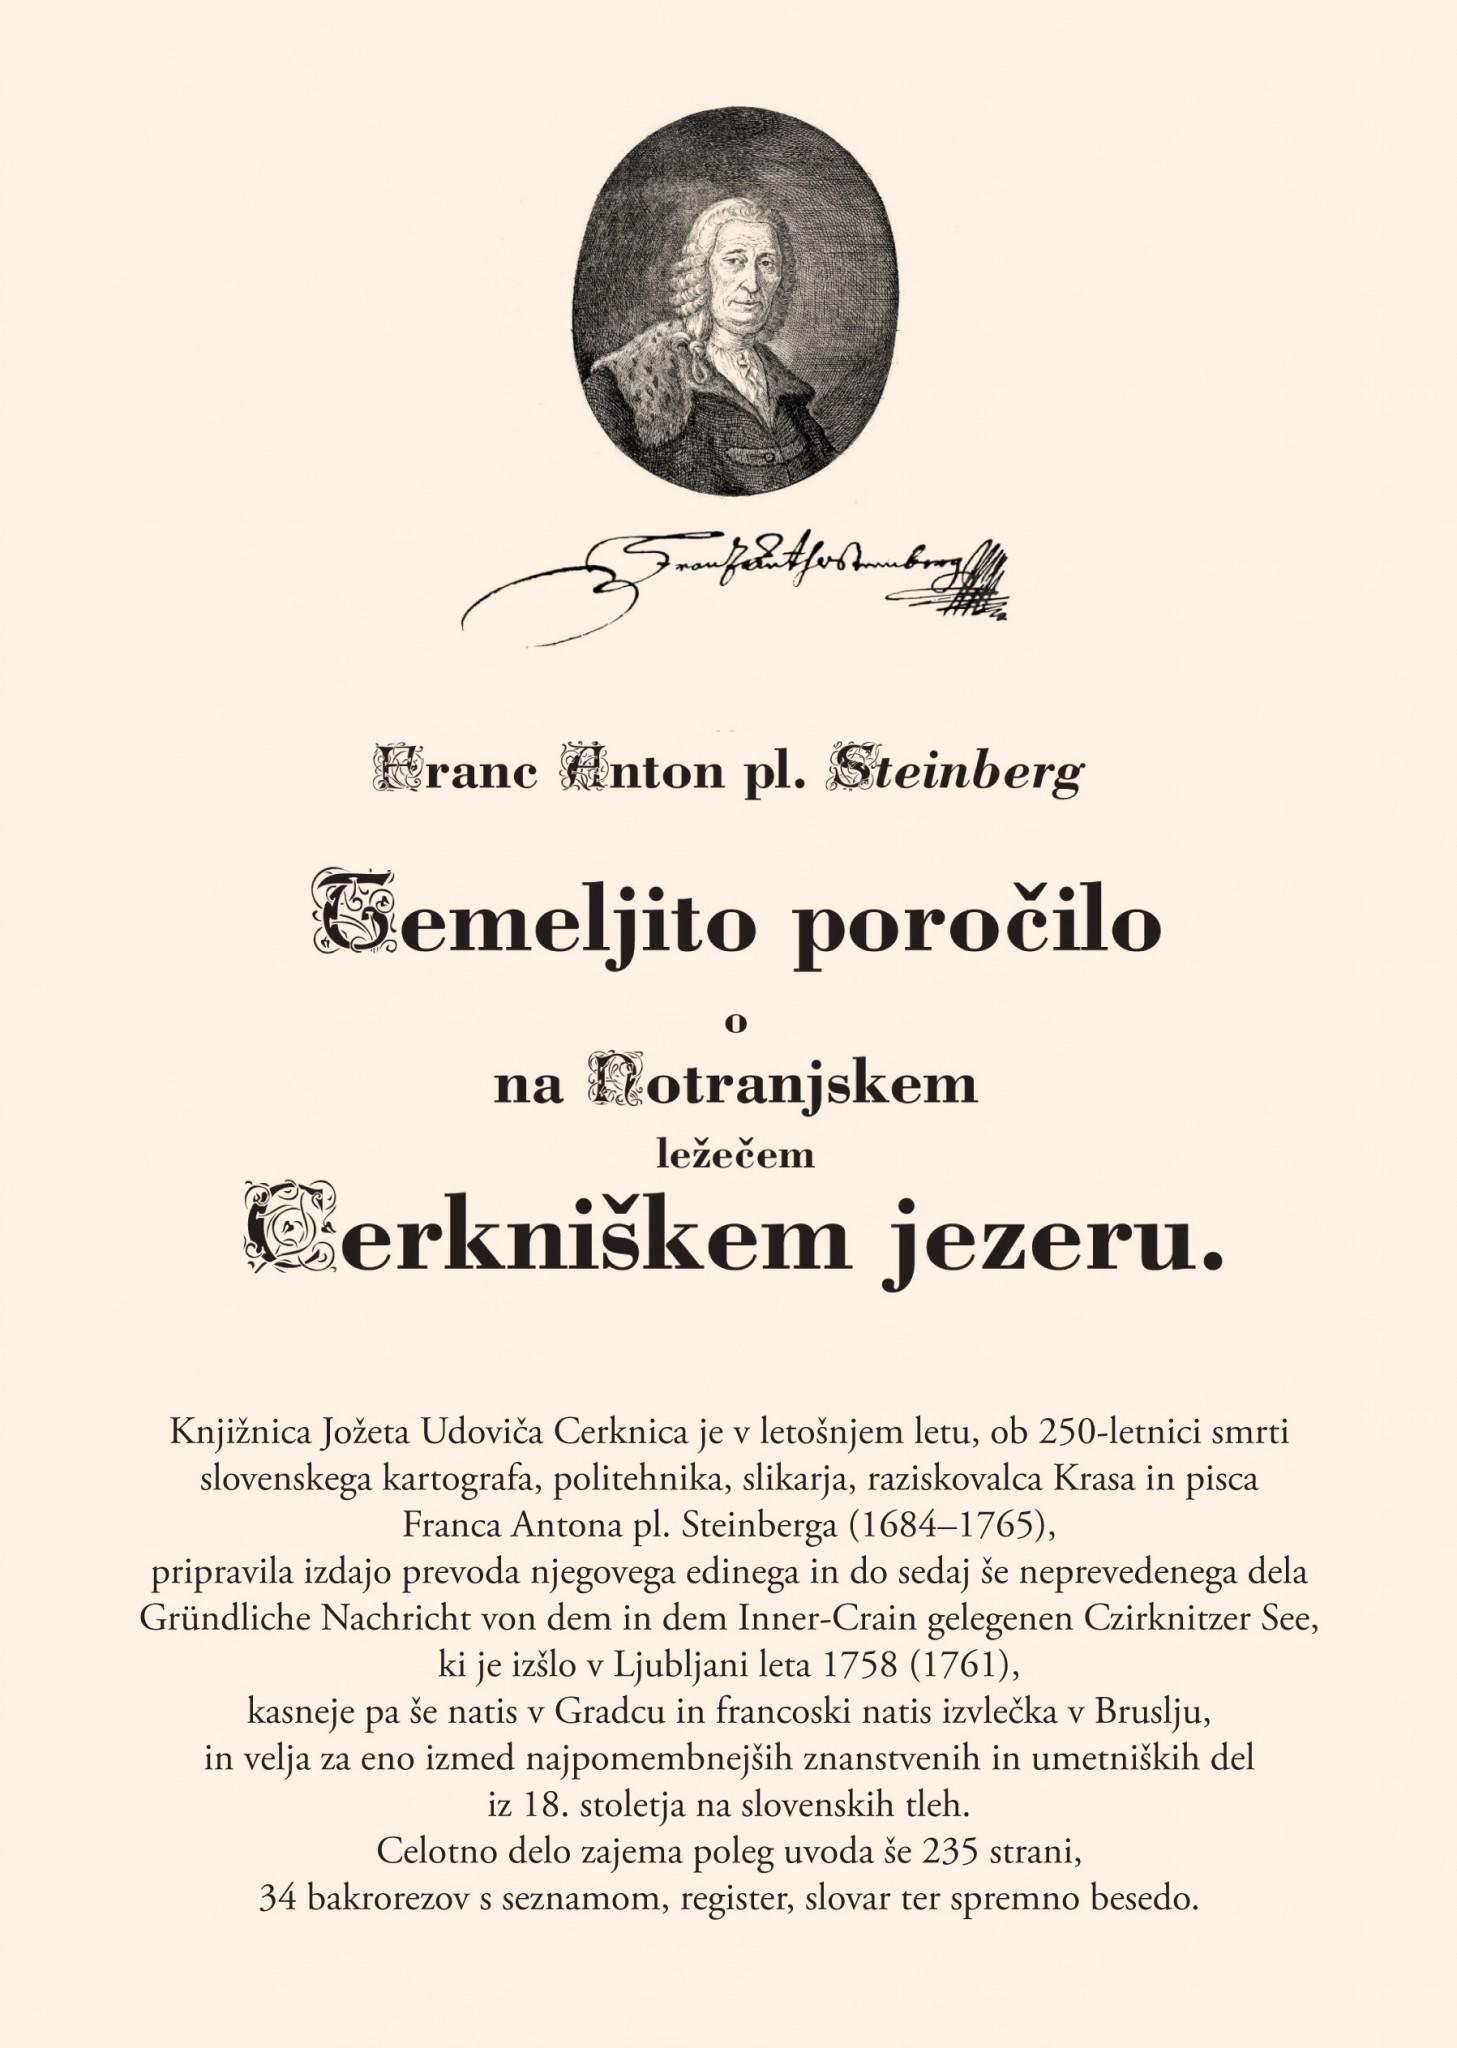 vabilo 2 - Predstavitev monografije Franca Antona pl. Steinberga Temeljito poročilo o na Notranjskem ležečem Cerkniškem jezeru